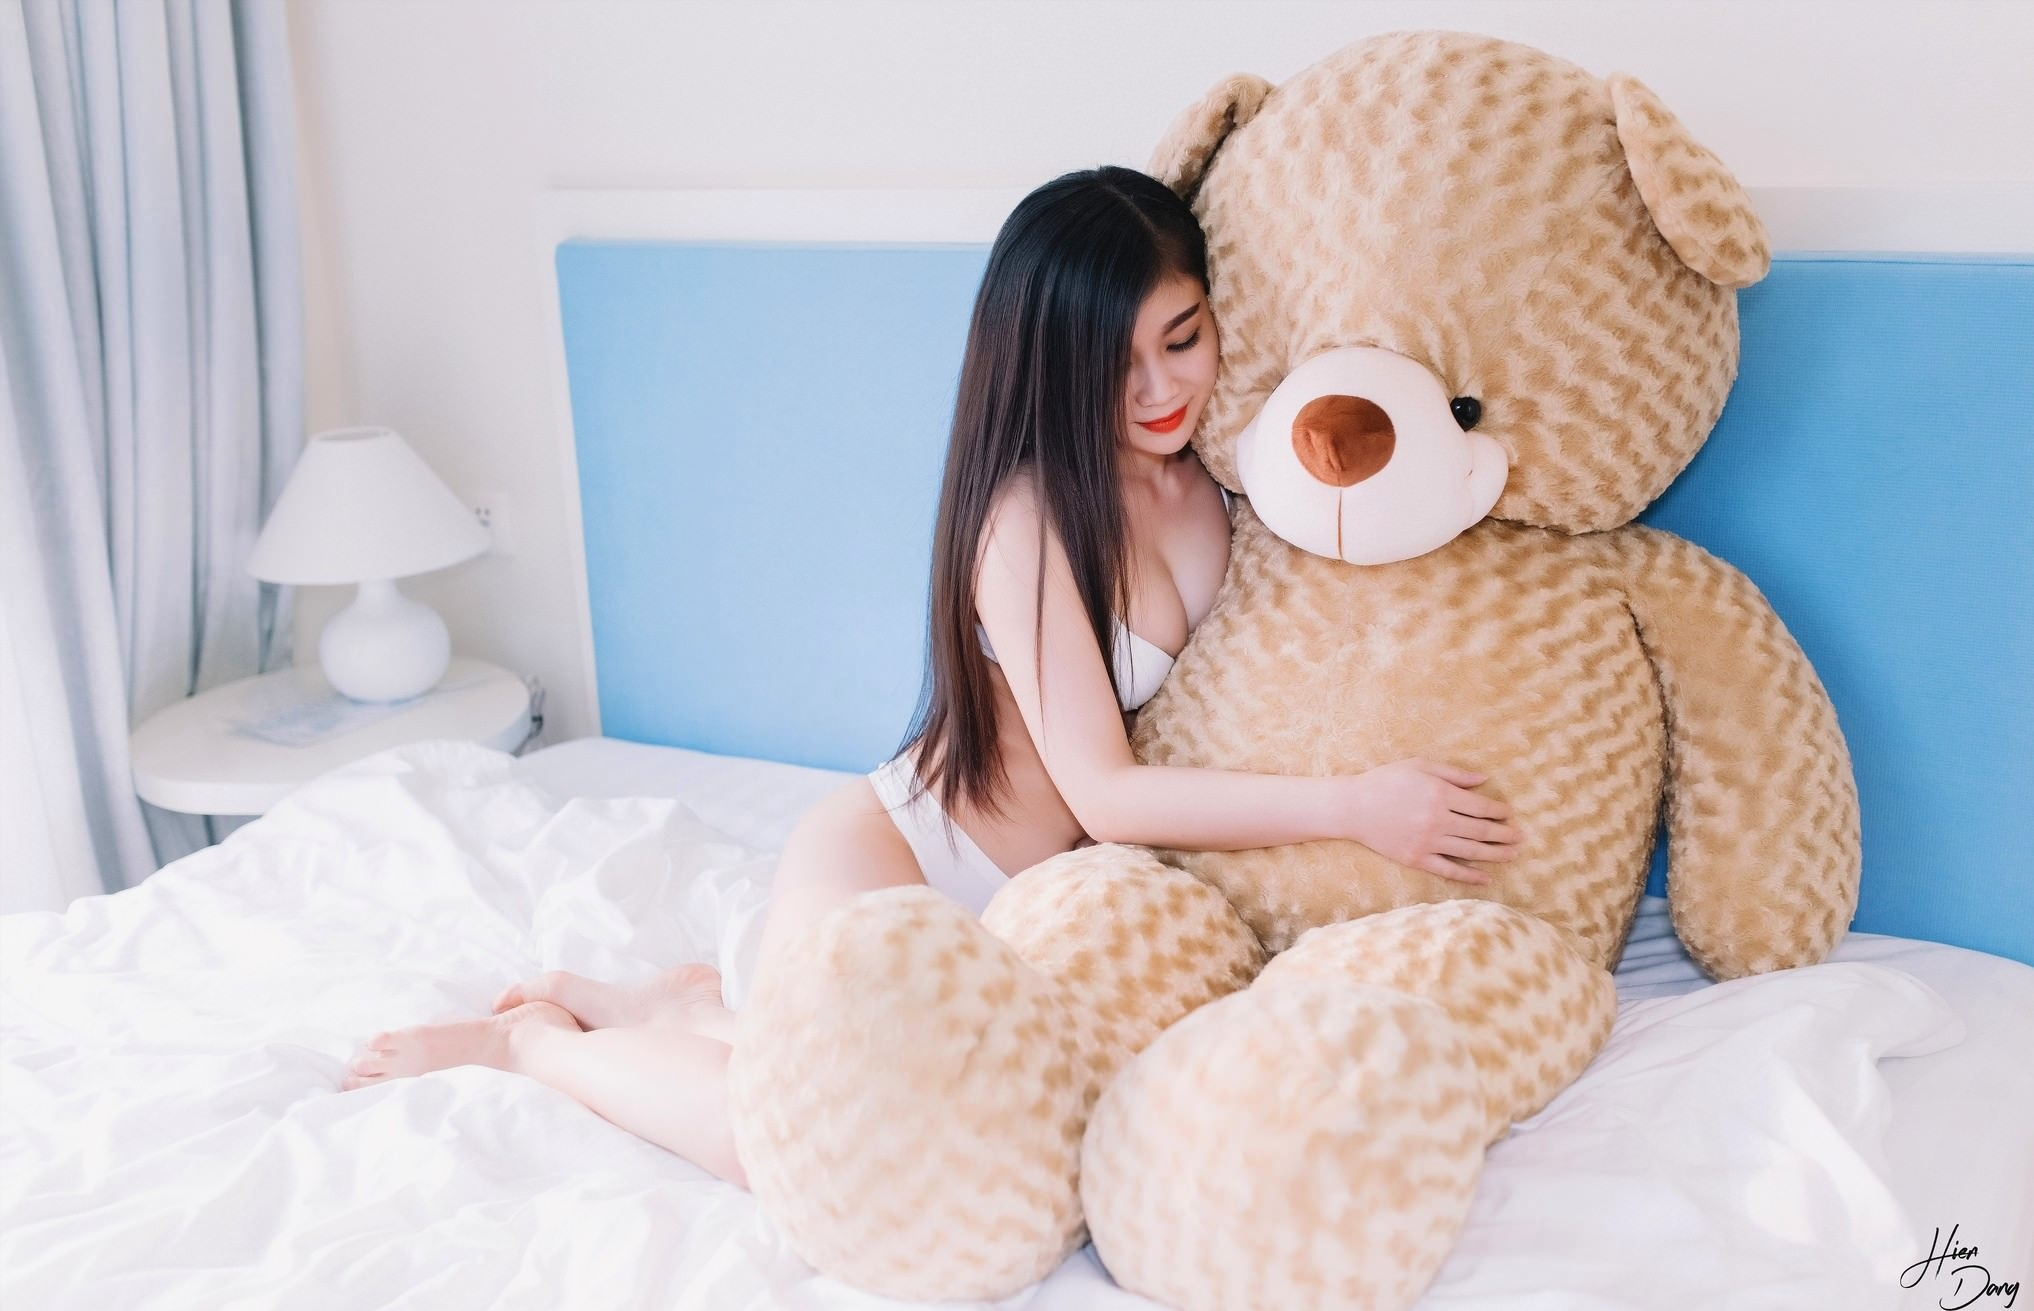 'ото расива¤ азиатка обнимает большого плюшевого мишку в постели, ¤понка в белом нижнем белье, красные губки, скачать картинку бесплатно